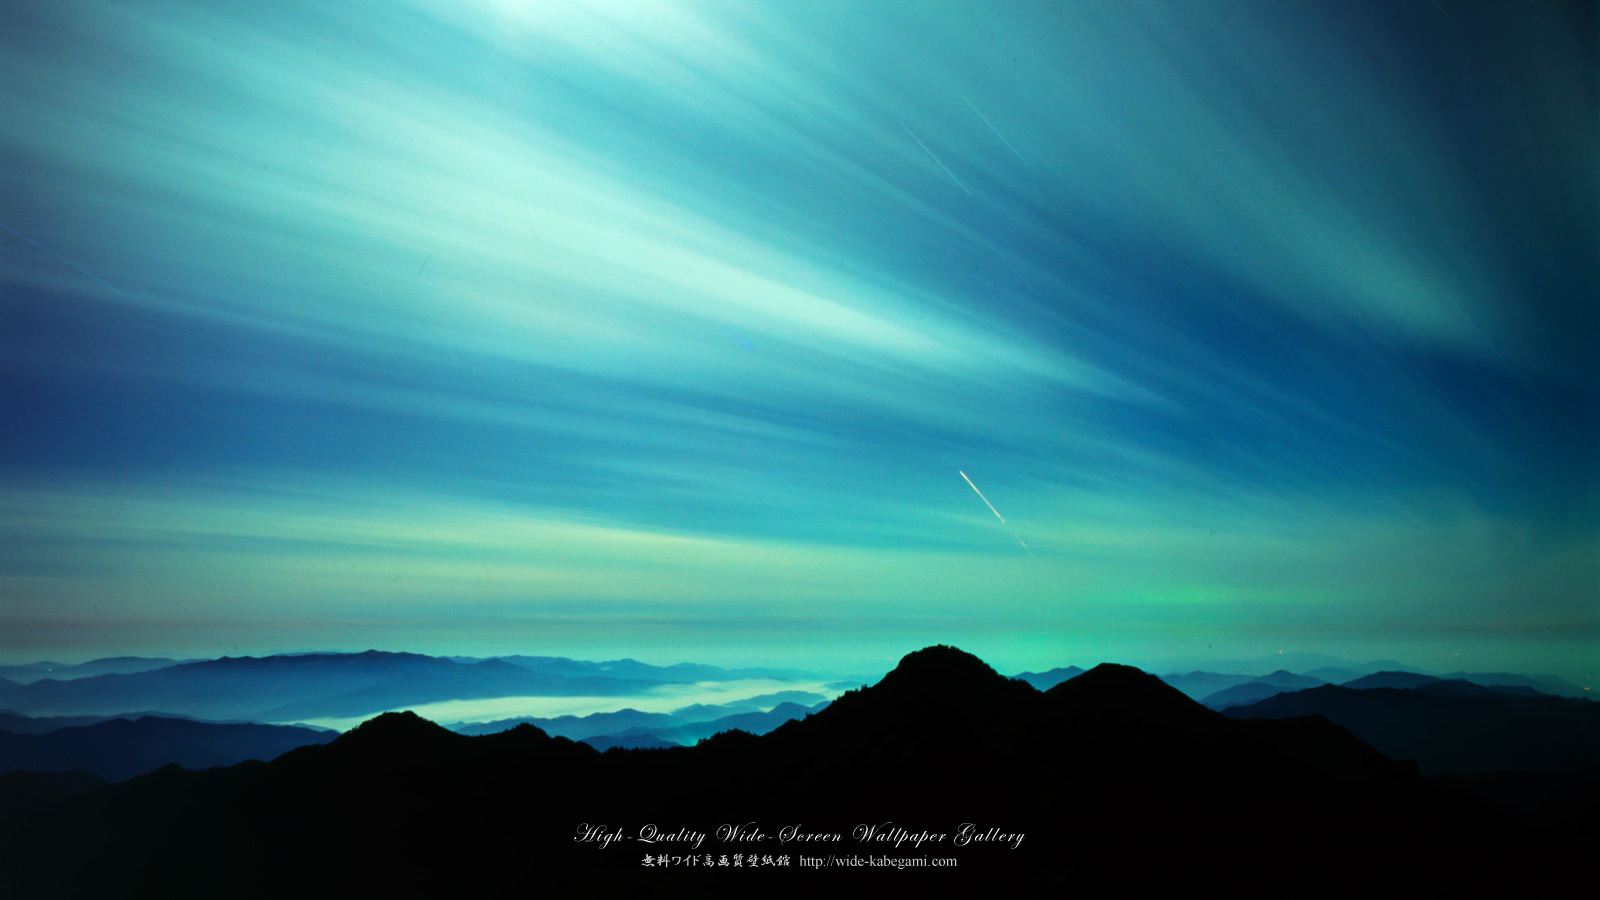 自然風景のワイド壁紙 1600x900 月光 無料ワイド高画質壁紙館